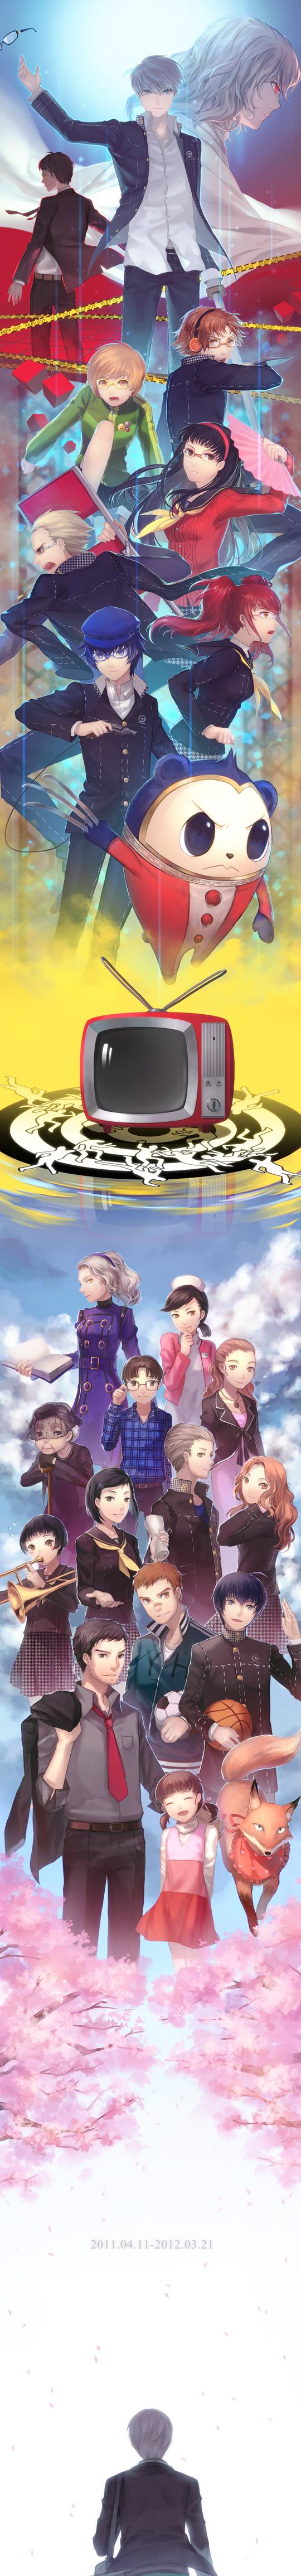 Tags: Anime, Shin Megami Tensei: PERSONA 4, Ichijo Kou, Minami Eri, Satonaka Chie, Doujima Nanako, Izanami, Ozawa Yumi, Kuroda Hisano, Amagi Yukiko, Hanamura Yousuke, Nagase Daisuke, Margaret (PERSONA 4)